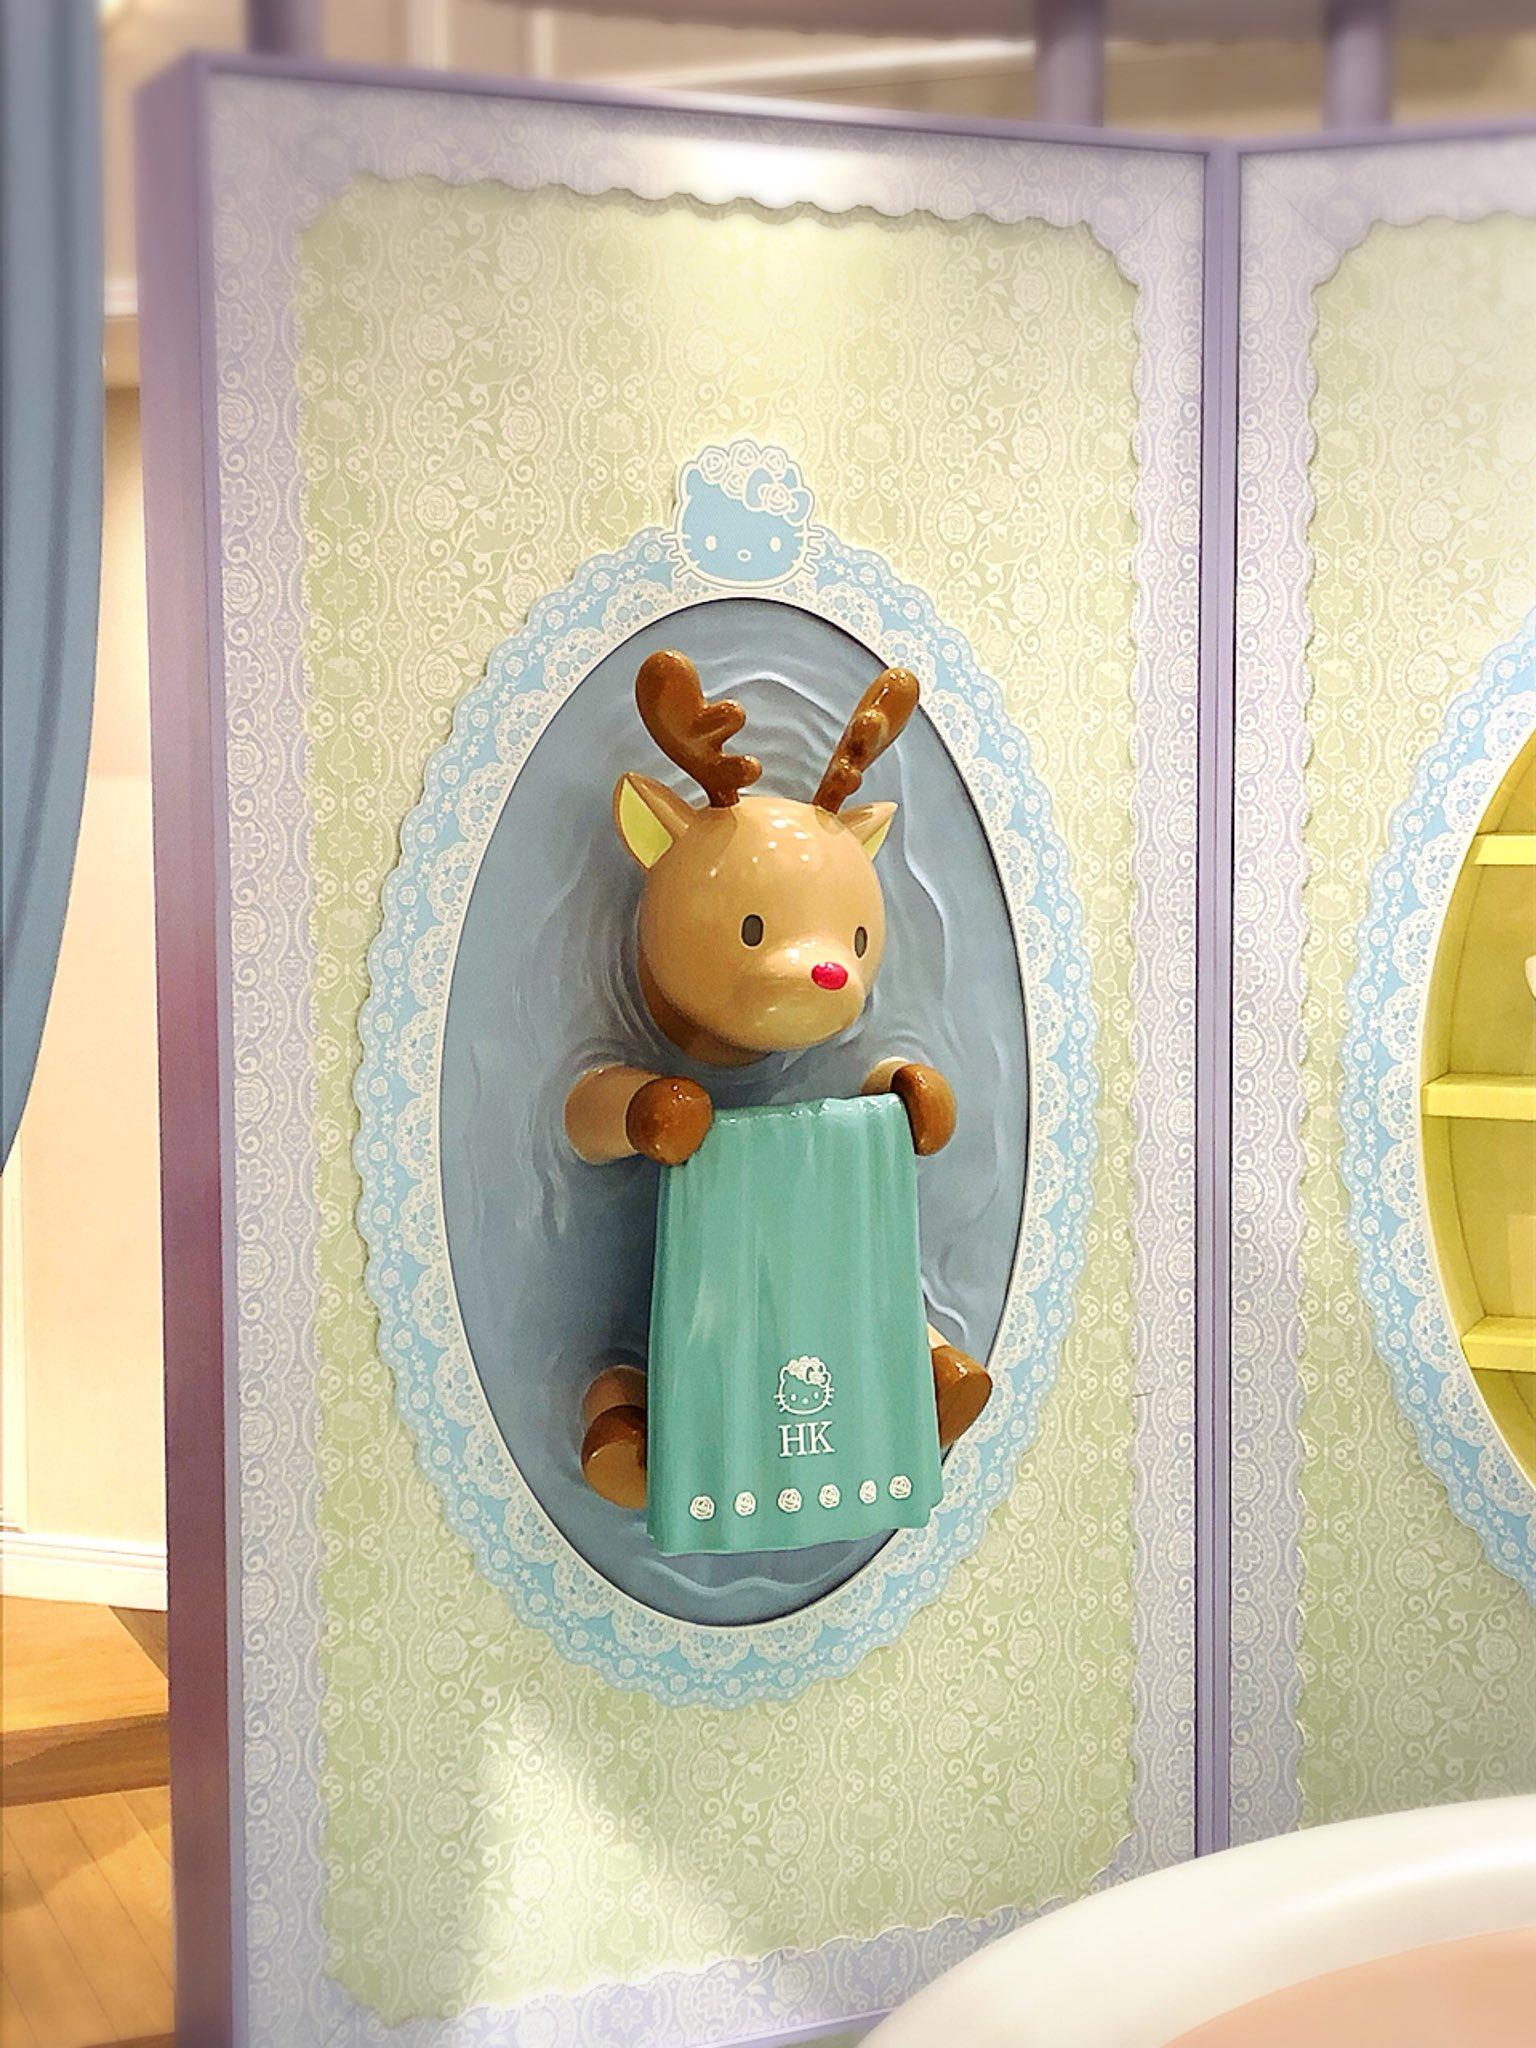 キティ様の家にお邪魔したんですけどキティ様のお風呂場でセメントかなんかで壁に塗り込まれてタオル掛けにされてる鹿がゆめかわメルヘンの中に確かに存在する狂気と悲劇って感じで最高でしたね。